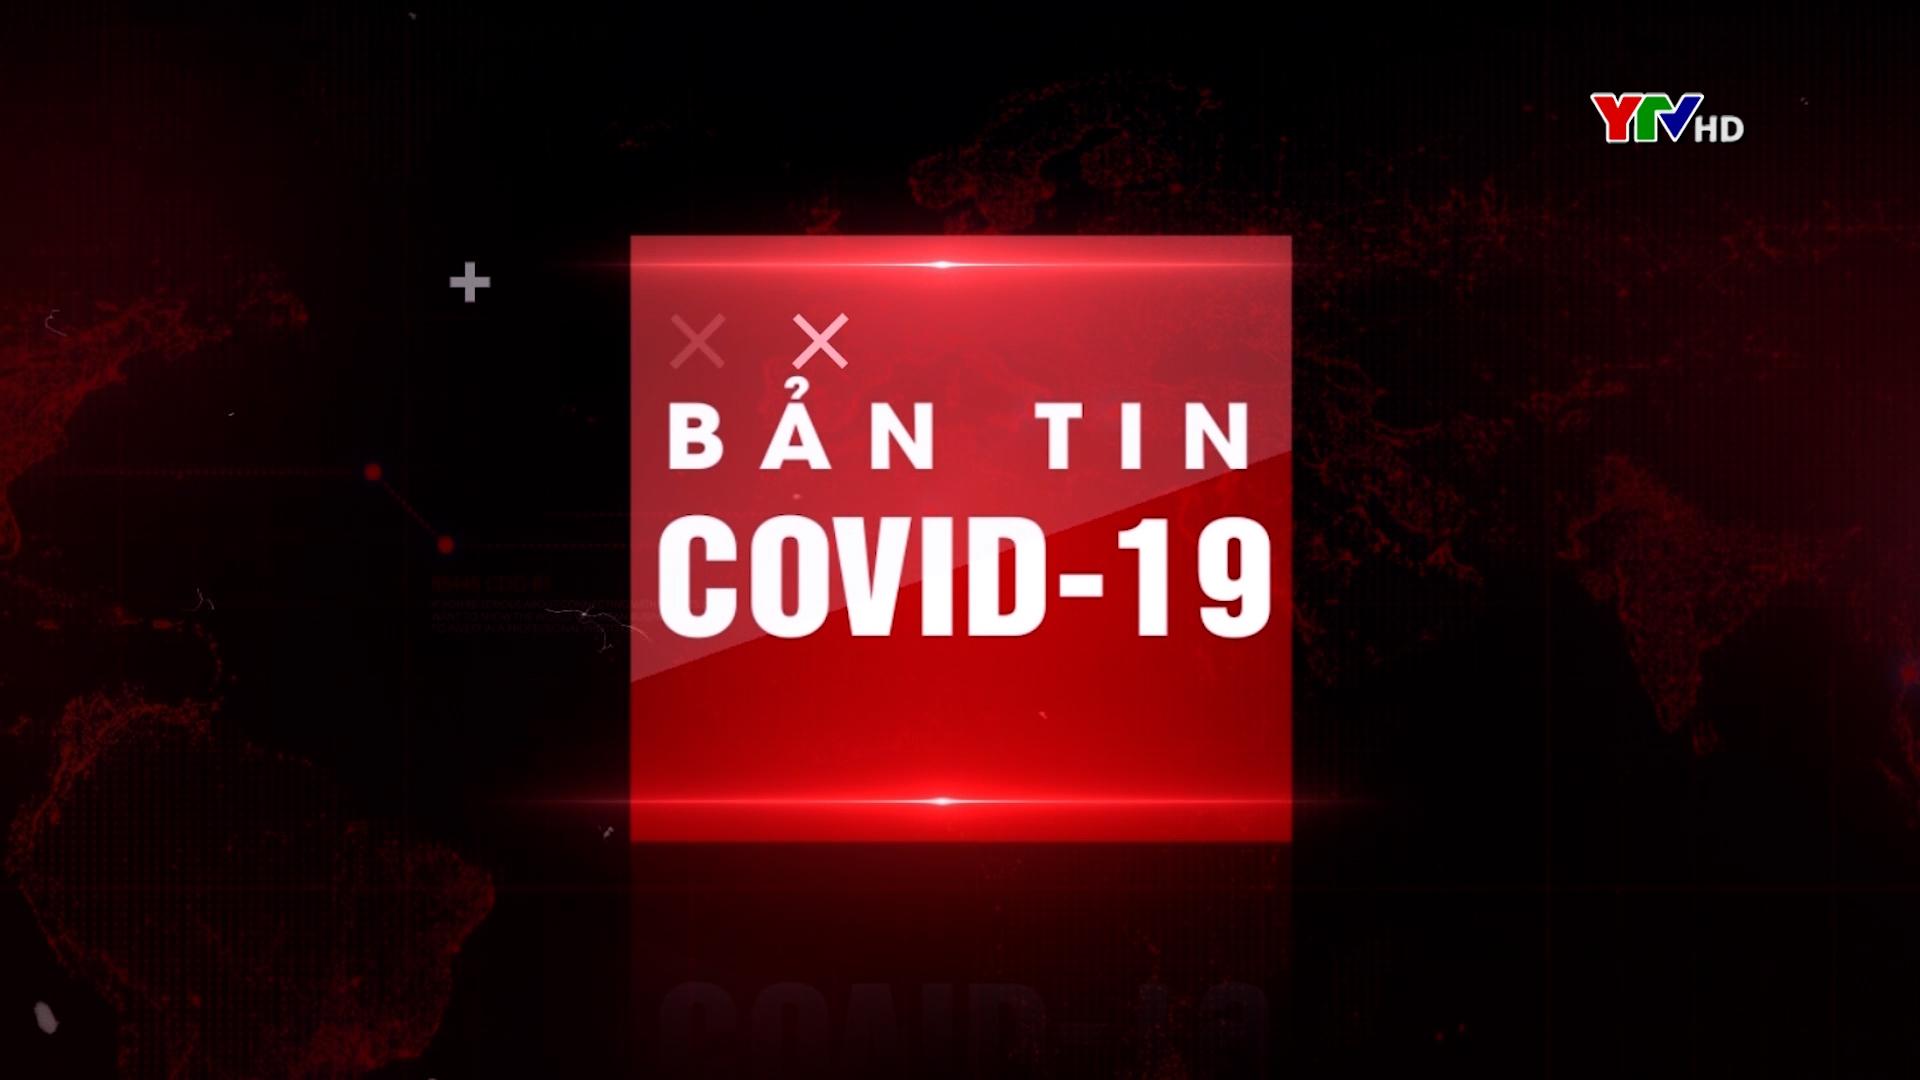 Bản tin Phòng, chống COVID - 19 tối ngày 11/10/2021